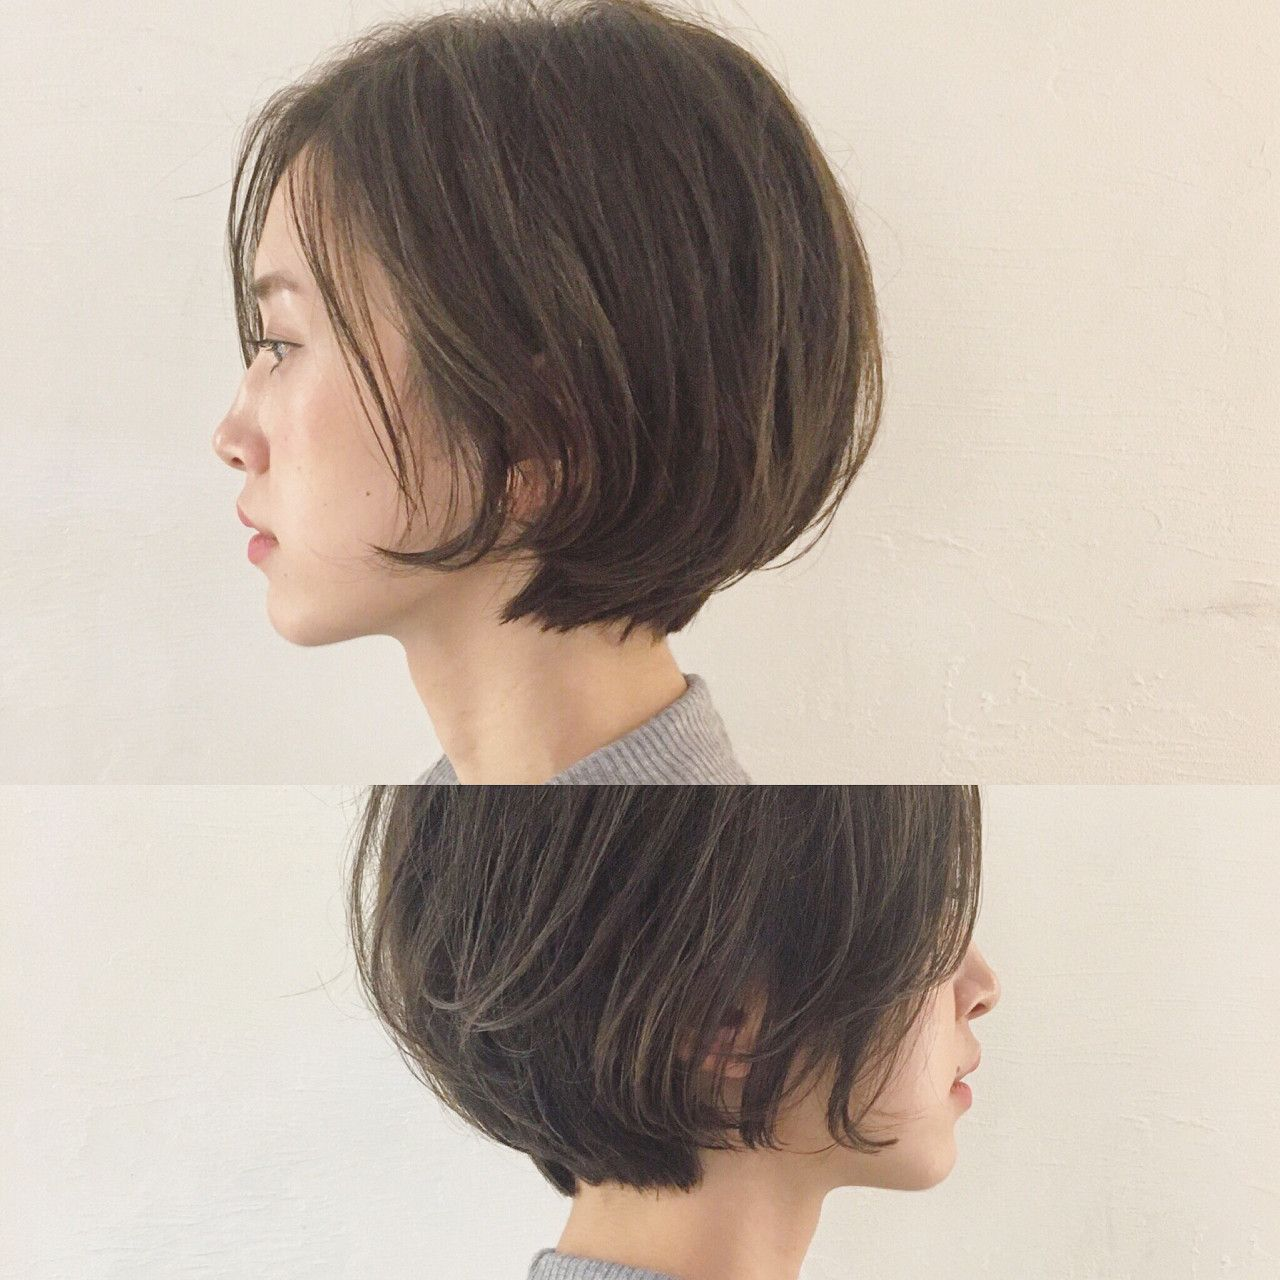 大人っぽさを手に入れるなら 前髪なしショートが色っぽい Hair